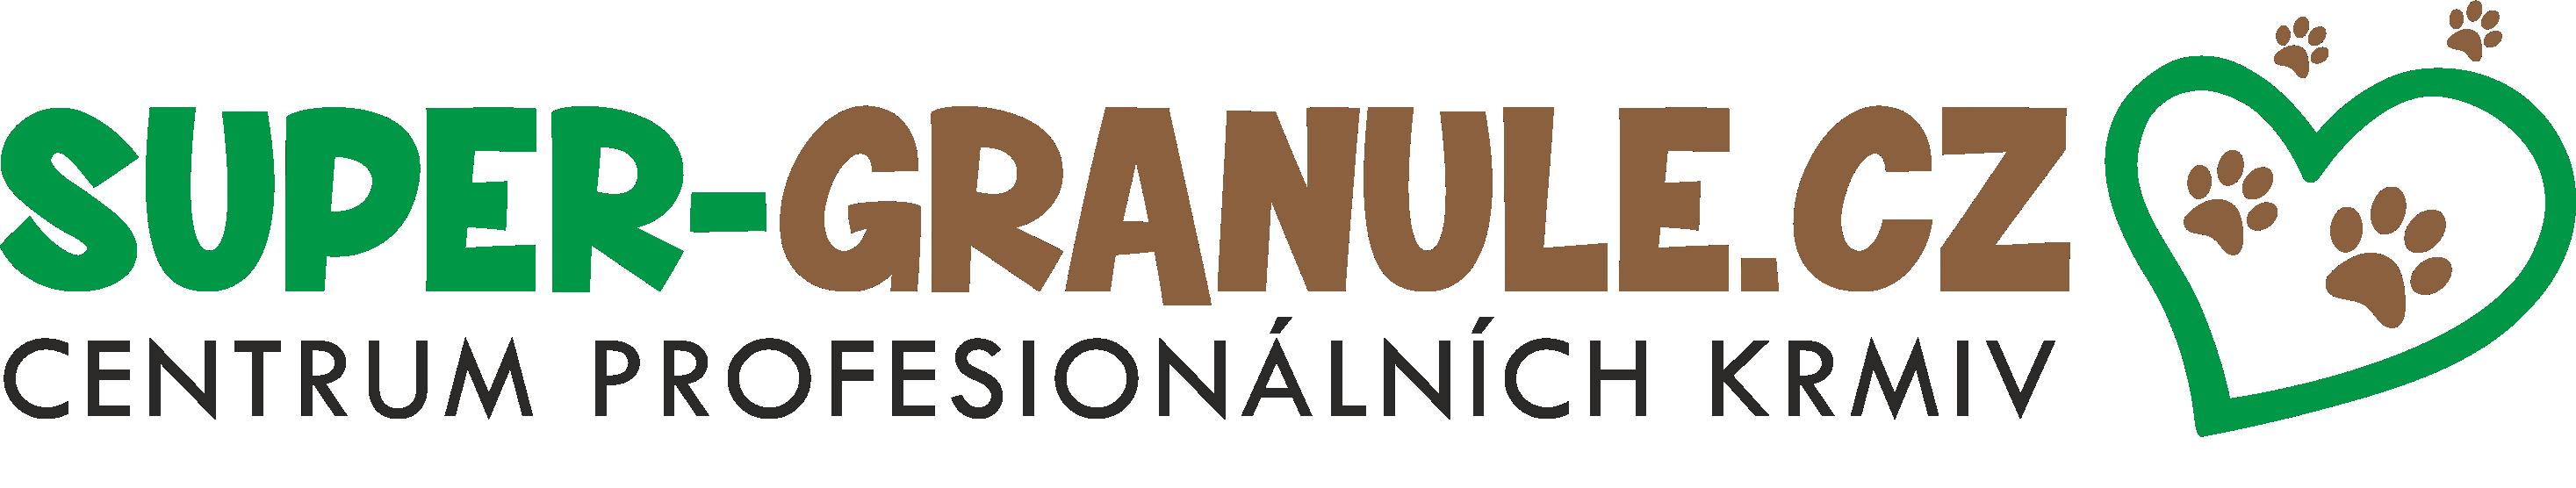 super-granule.cz